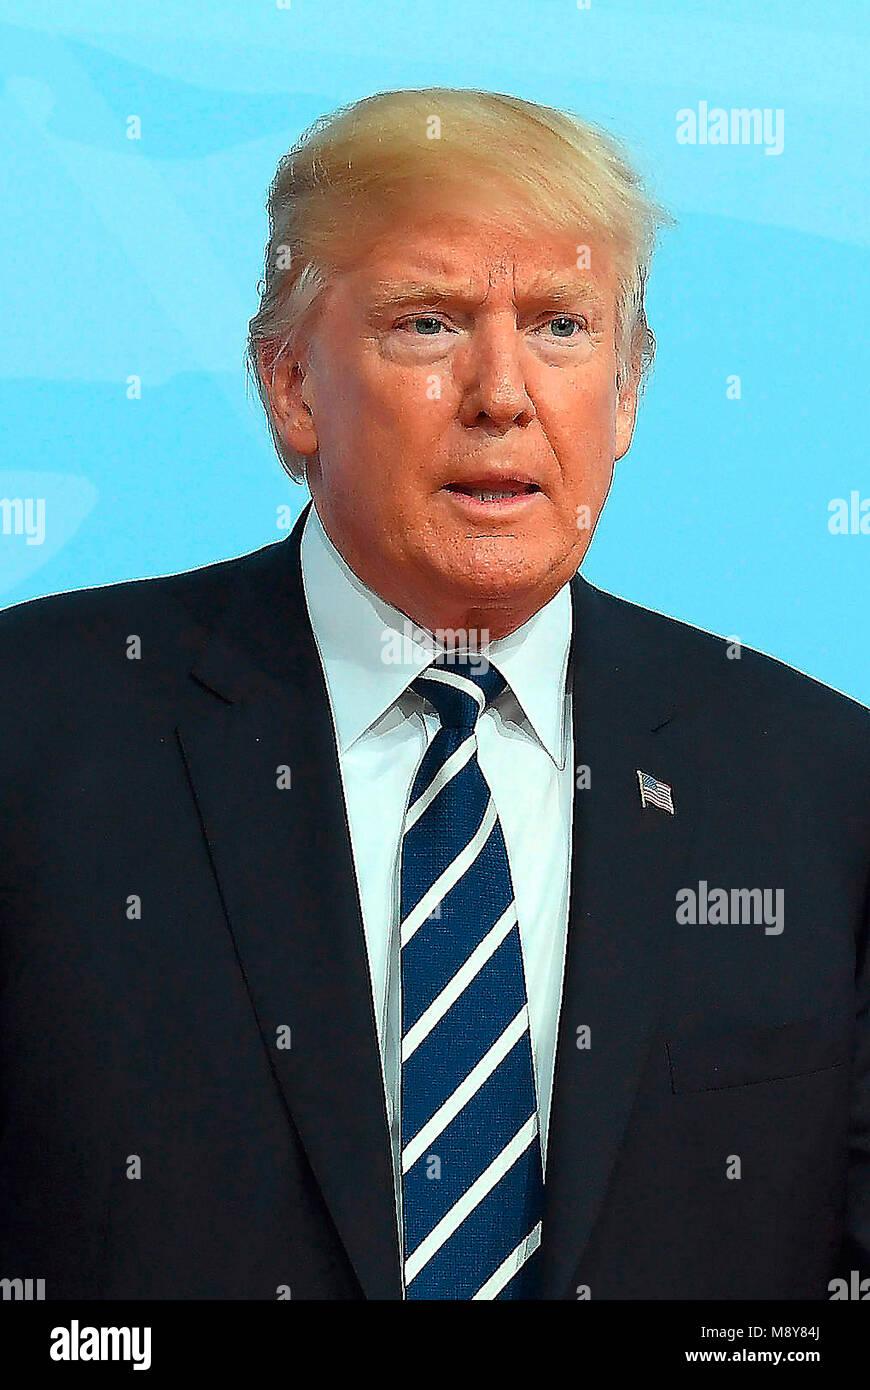 Donald John Trump - * 14.06.1946 - 45. Präsident der Vereinigten Staaten von Amerika. Stockbild